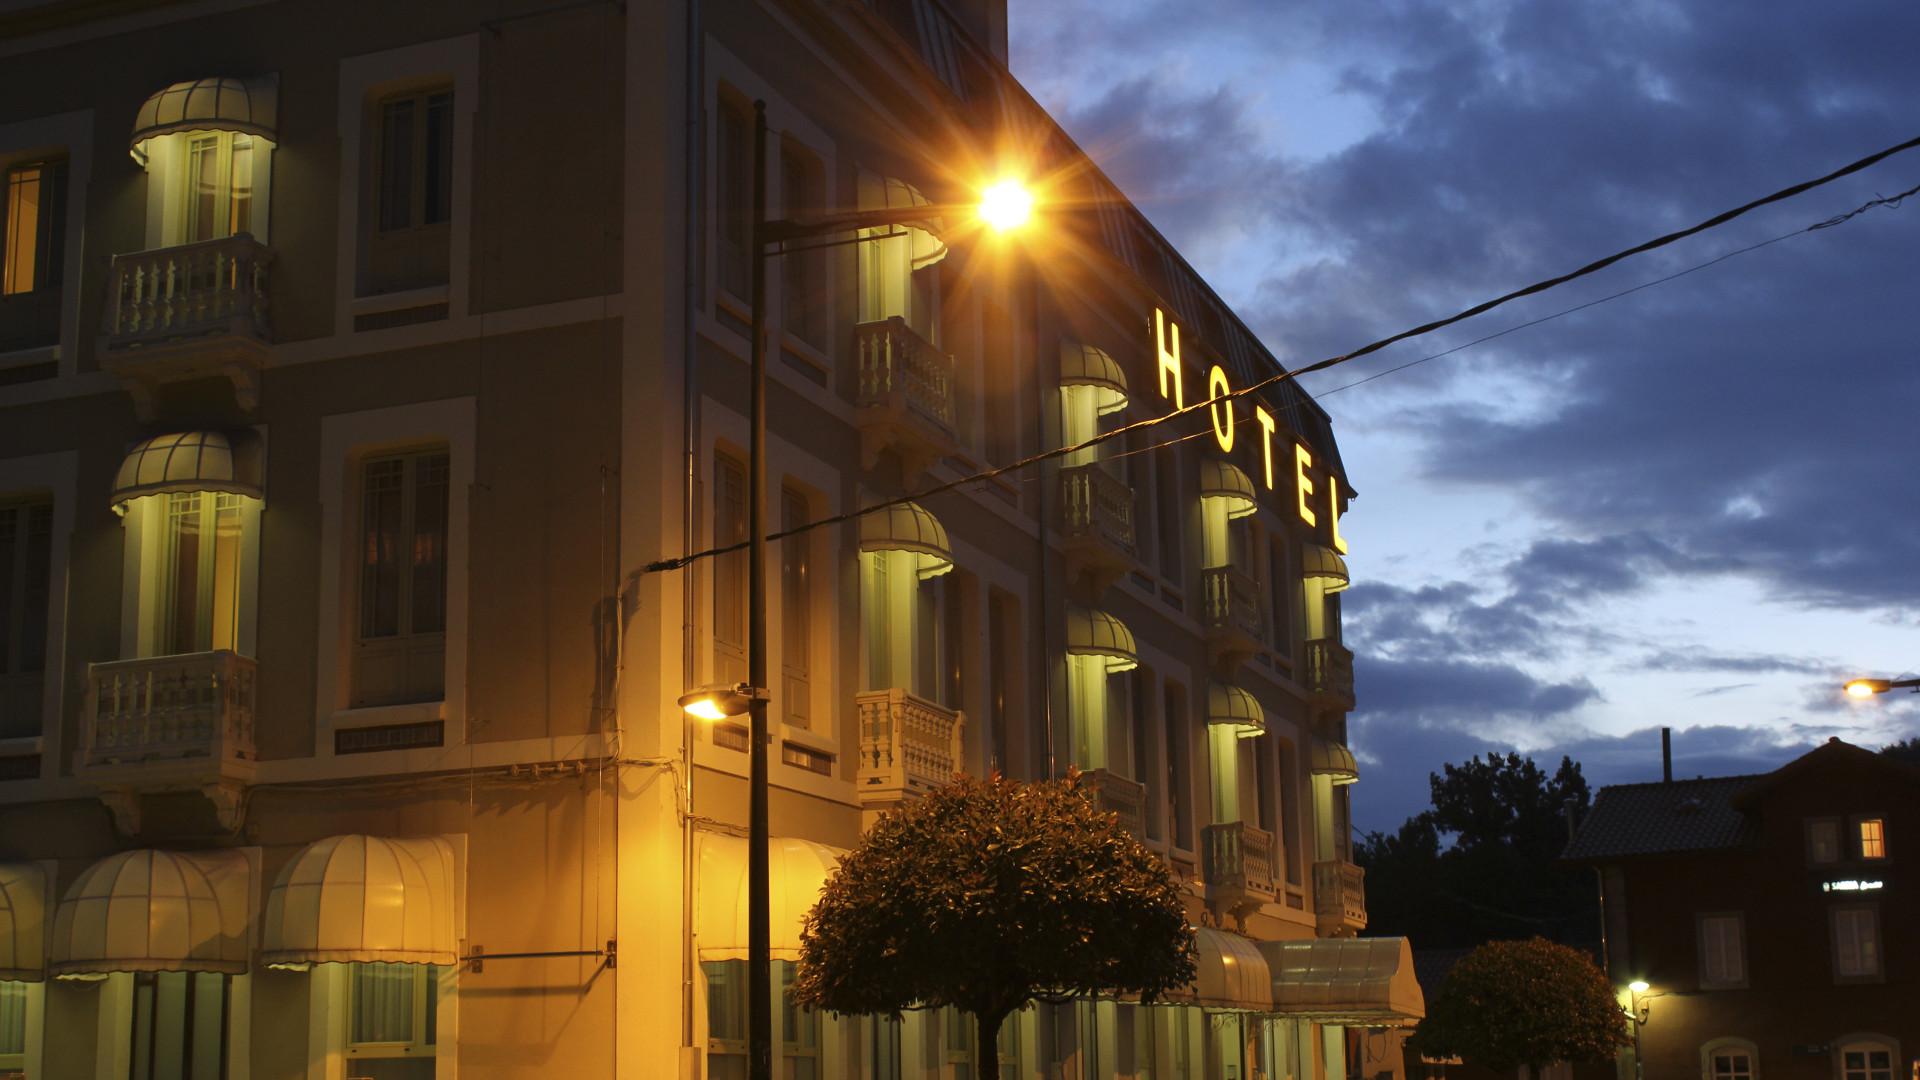 hotel roma slide 03